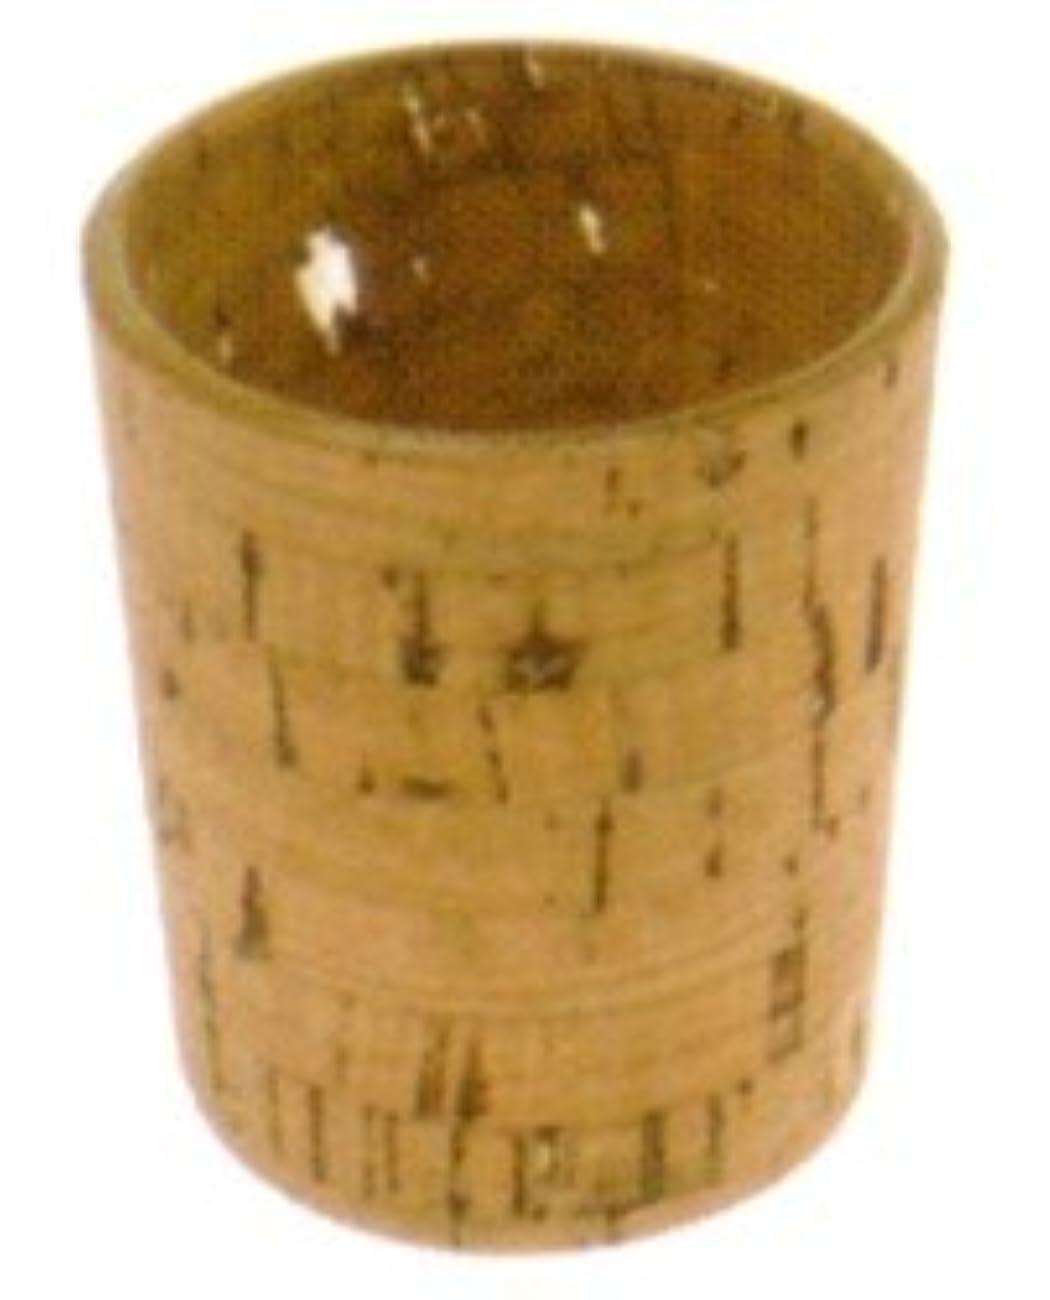 マーティンルーサーキングジュニア質素な伴うキャンドルホルダー ナチュラルウッド cork